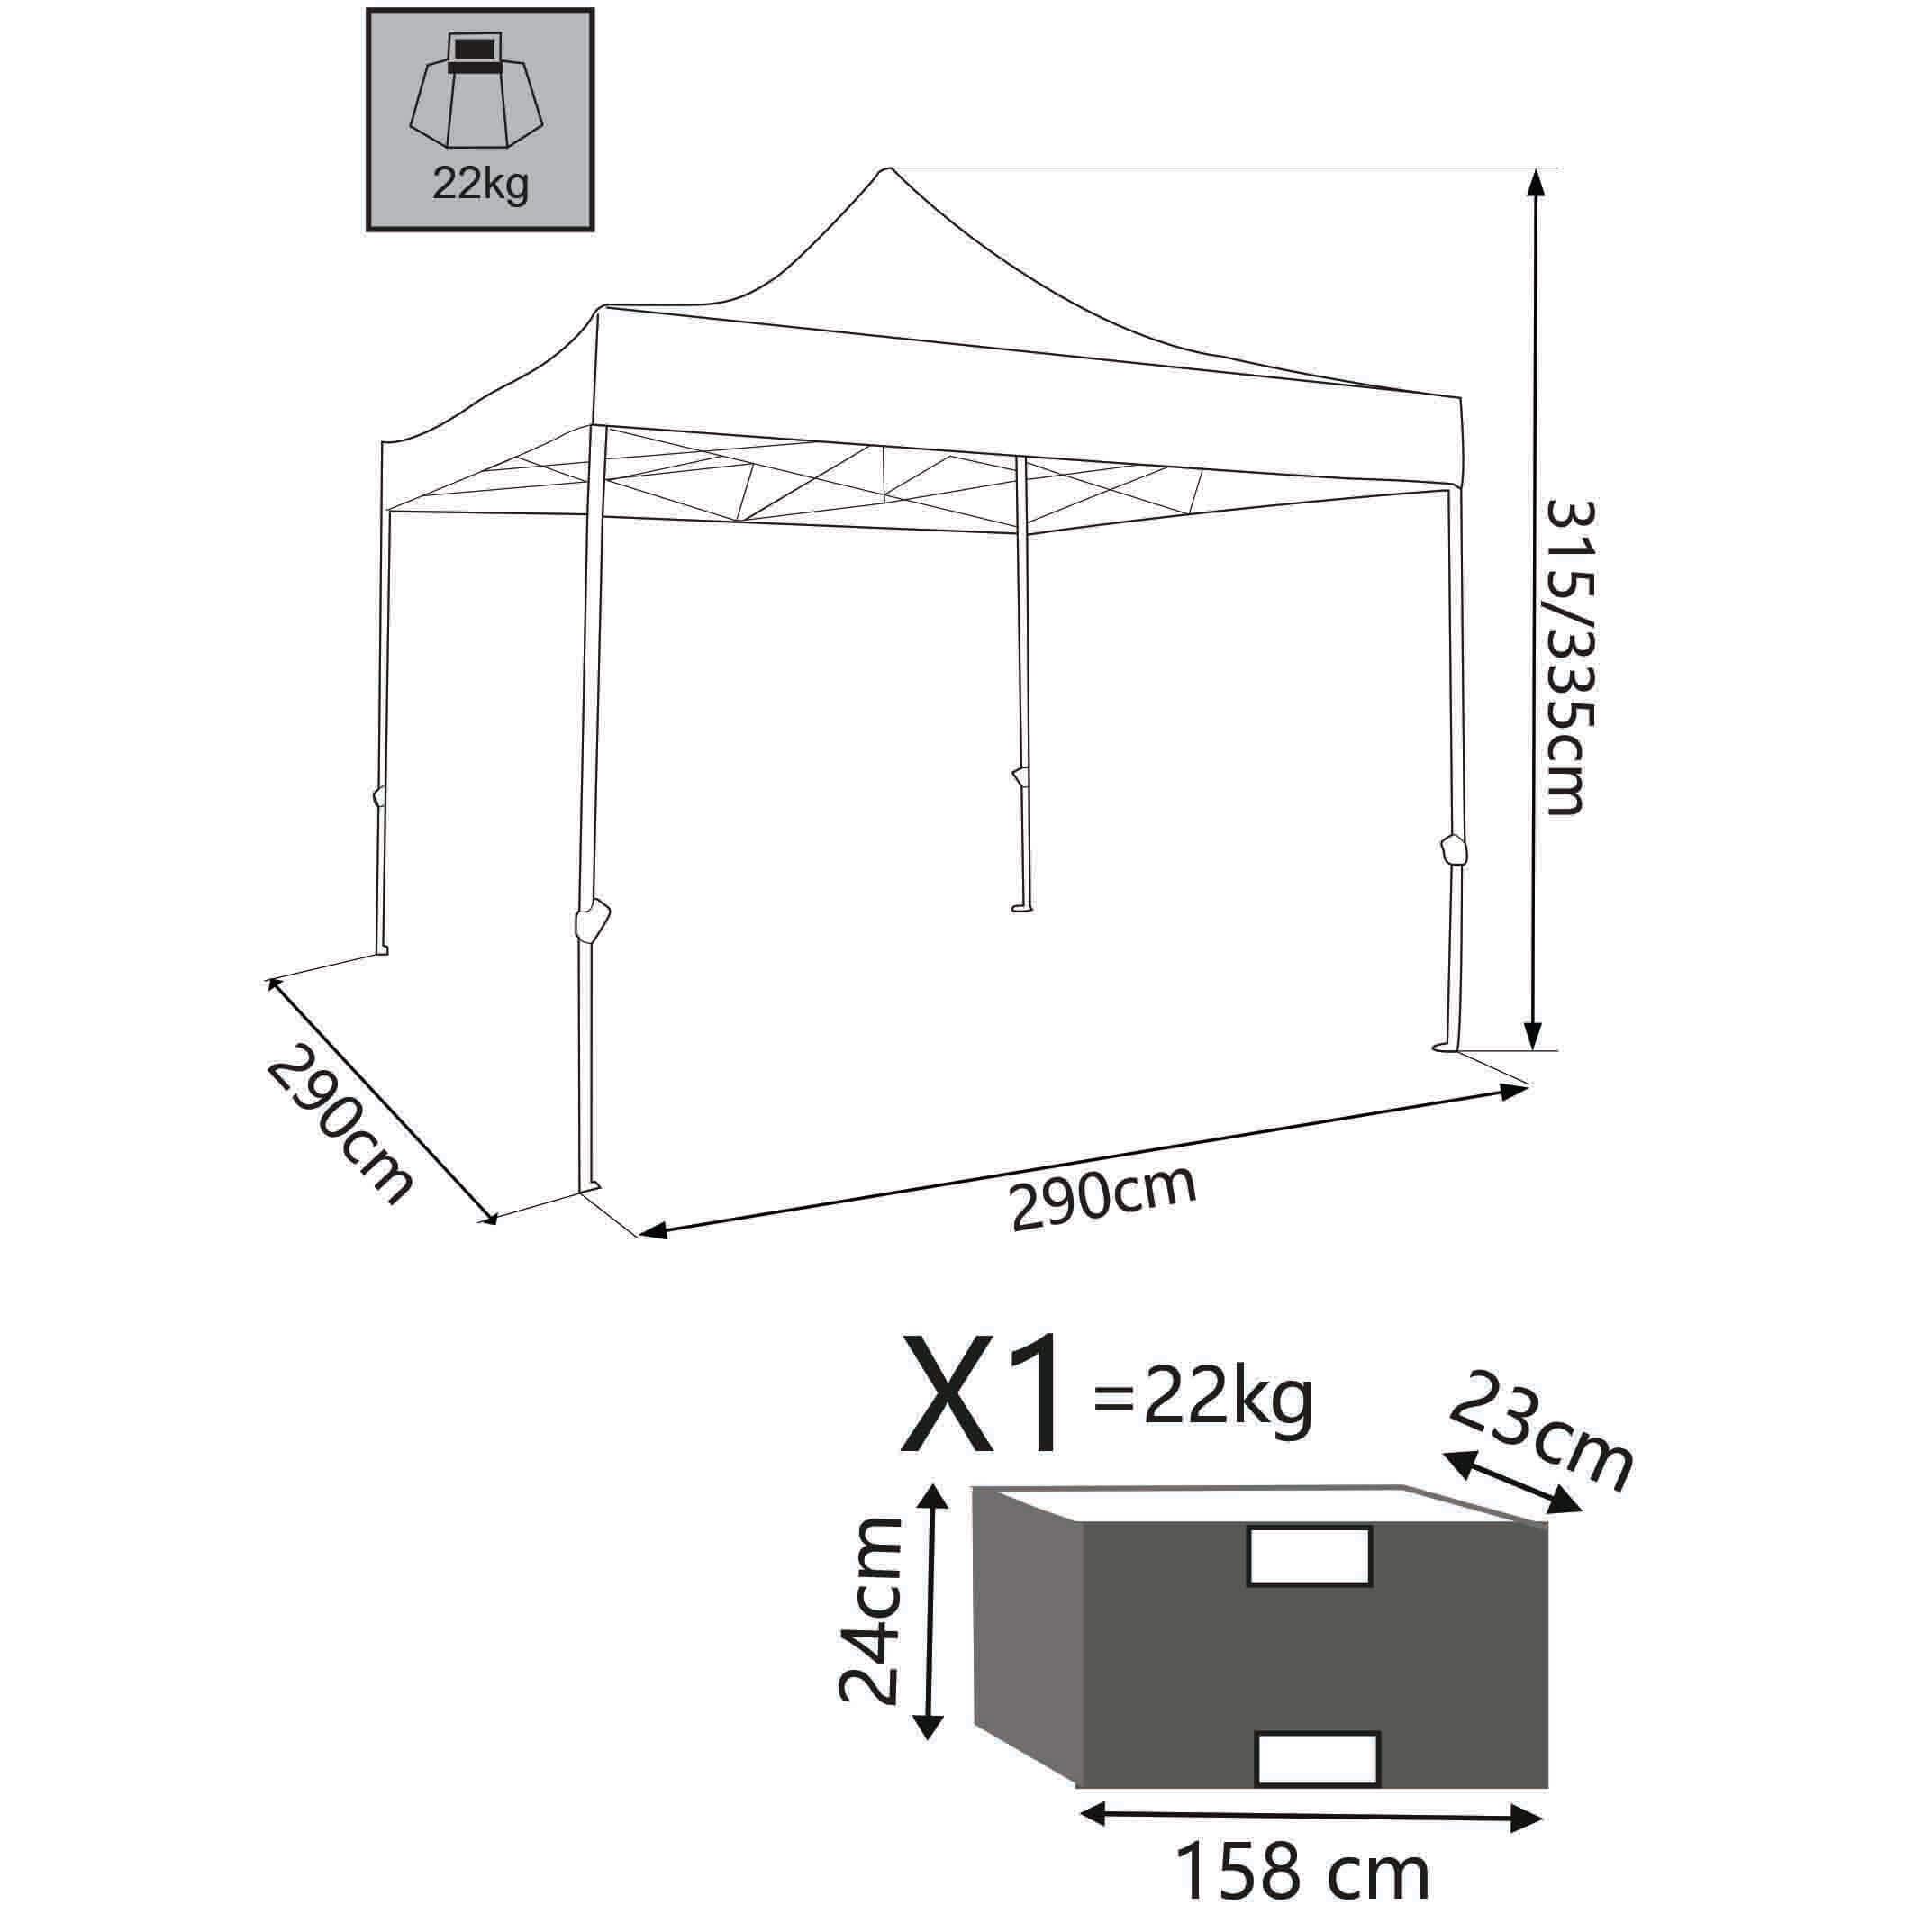 Milani Home DIADEMA - gazebo pieghevole e richiudibile completo  di sacca protettiva 3 x 3 in metallo